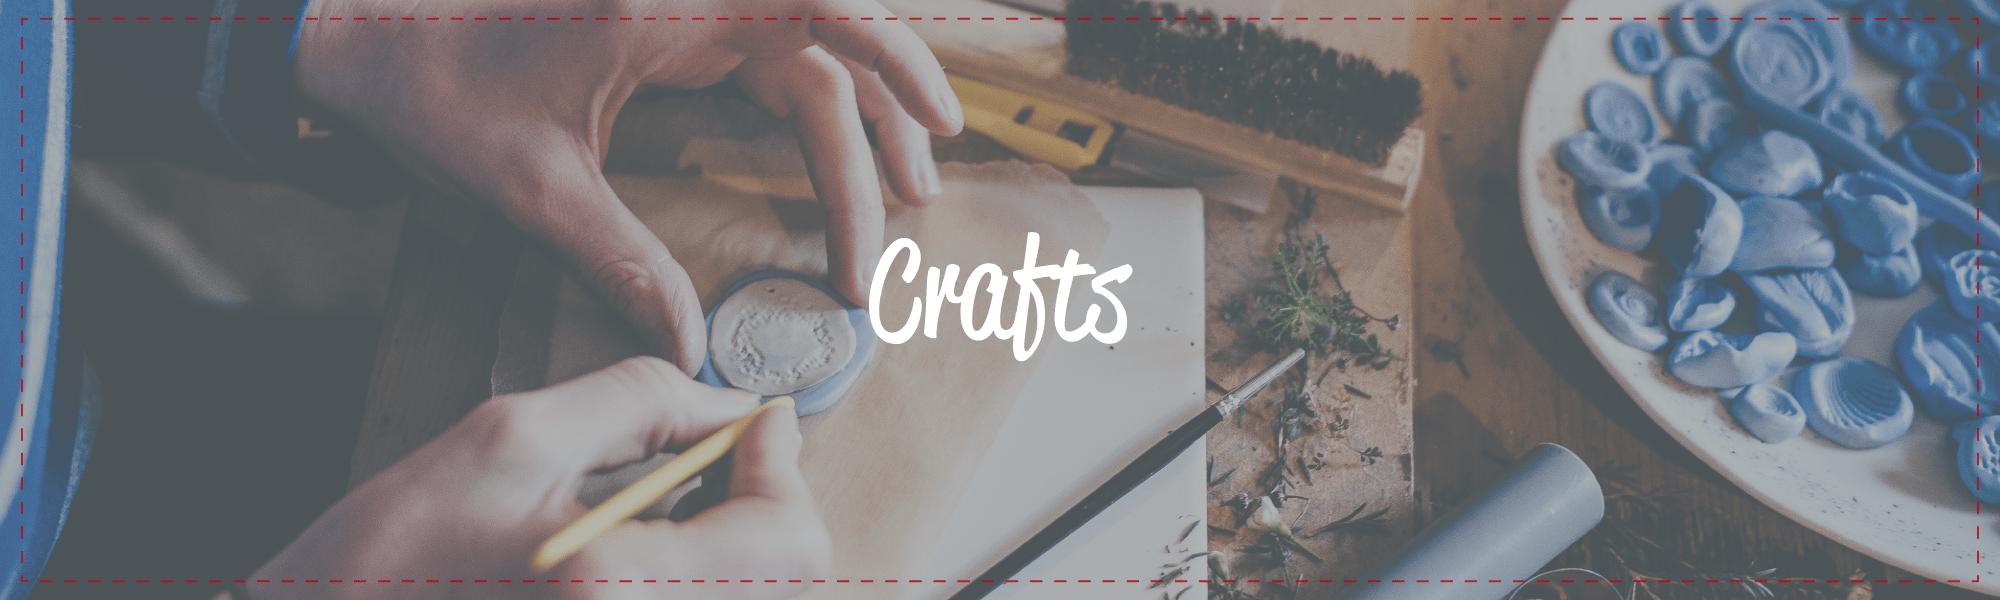 Mangelsen's Crafts